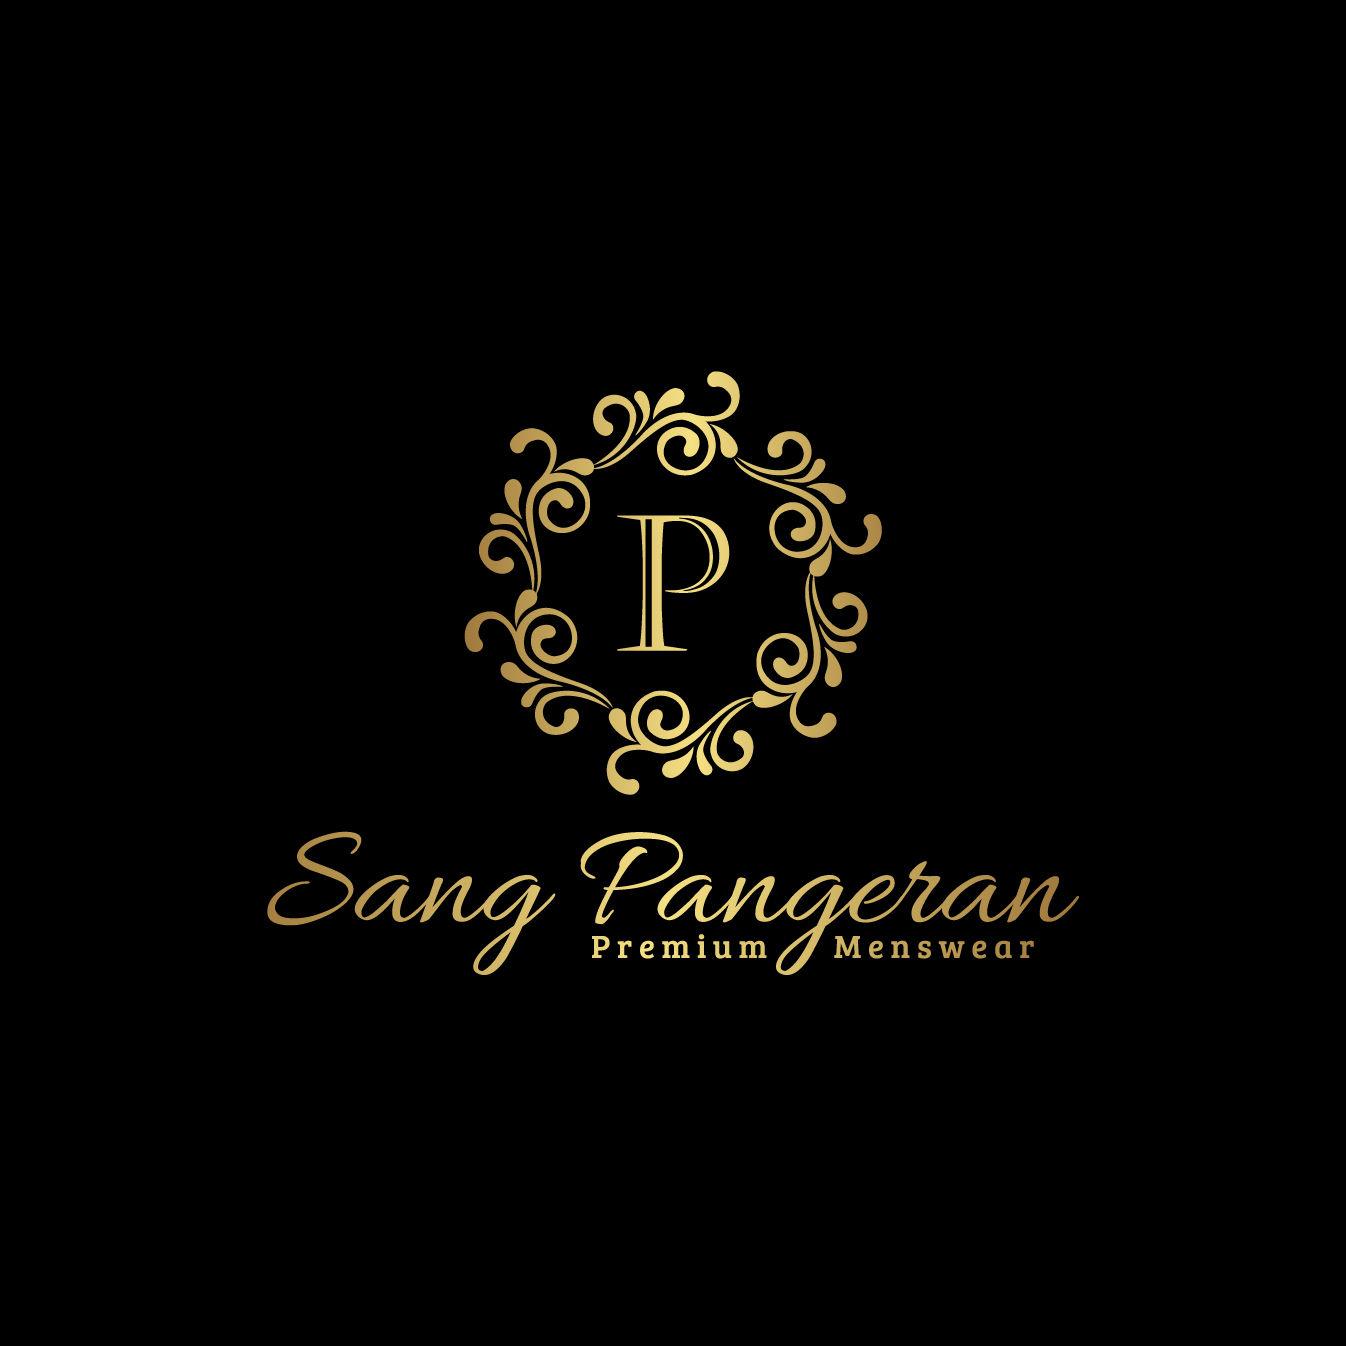 SANG PANGERAN